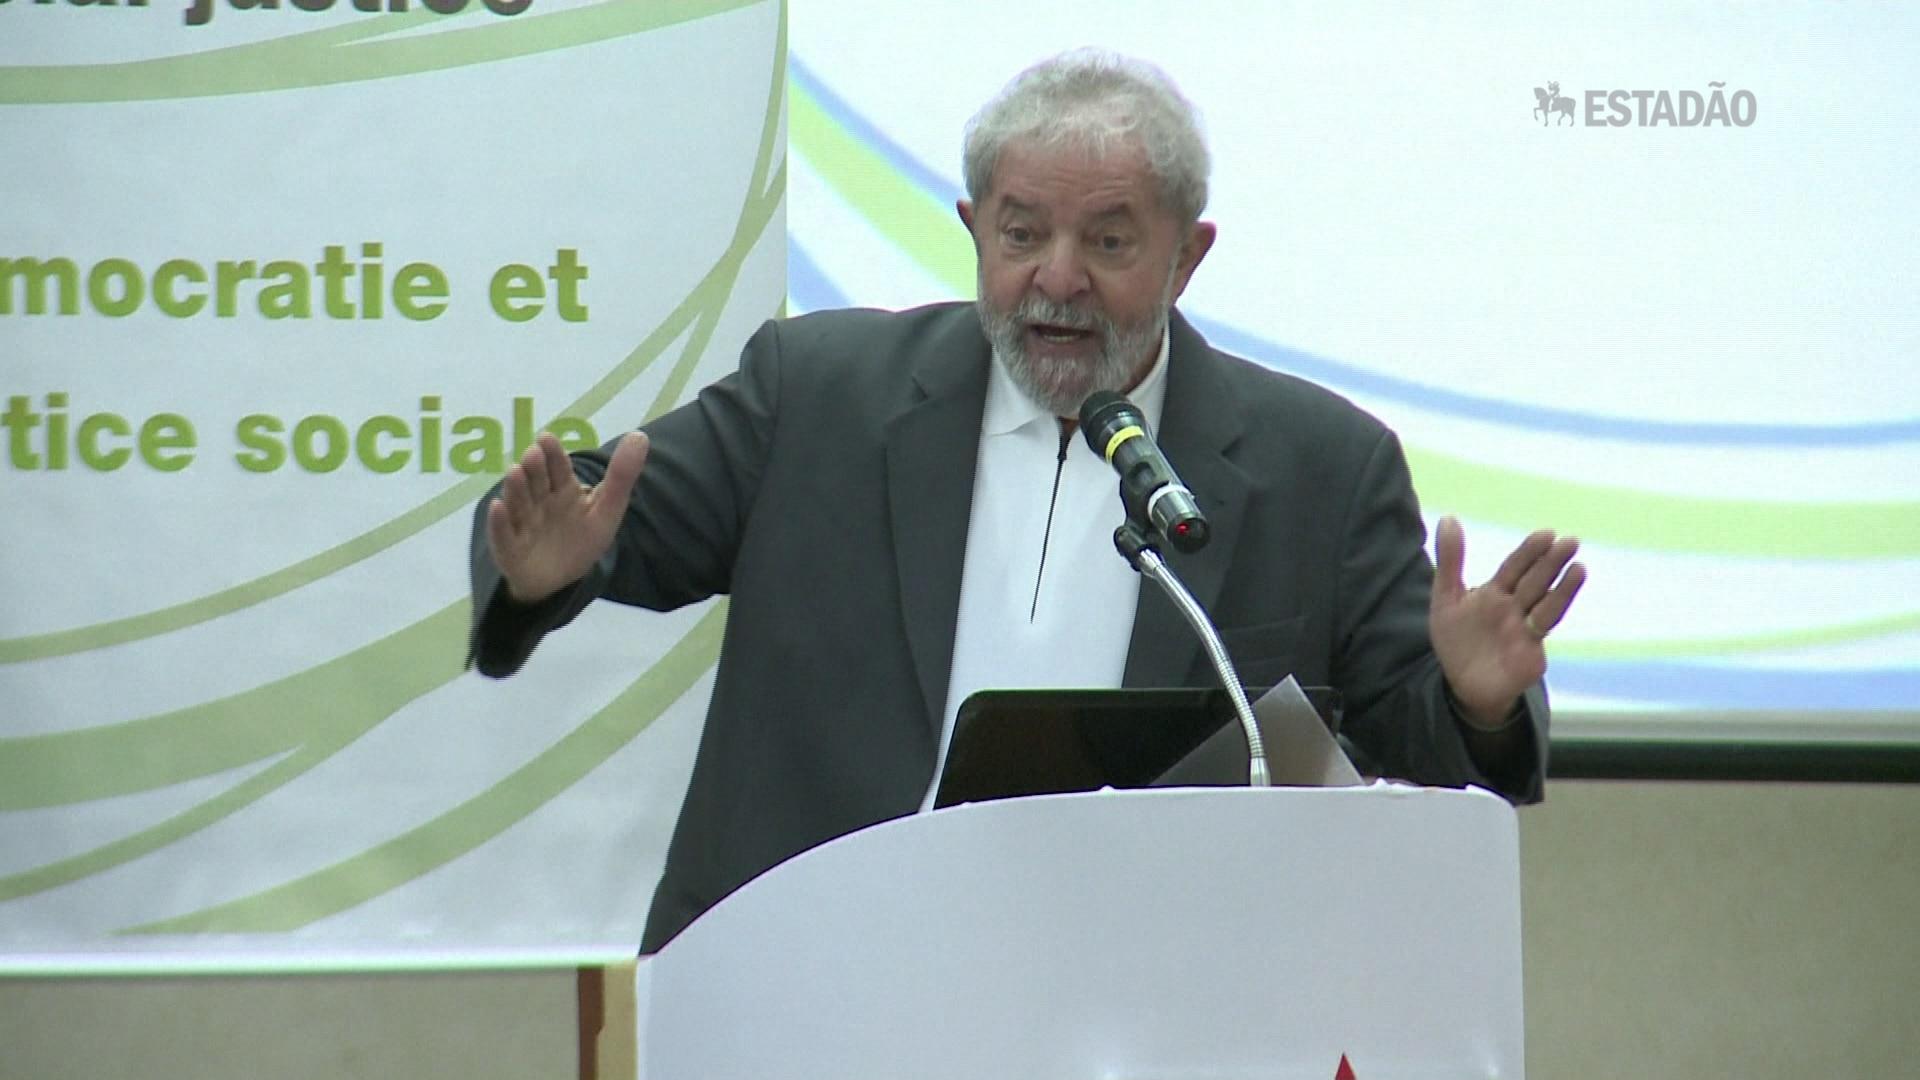 Lula diz que vai haver 'combate democrático'